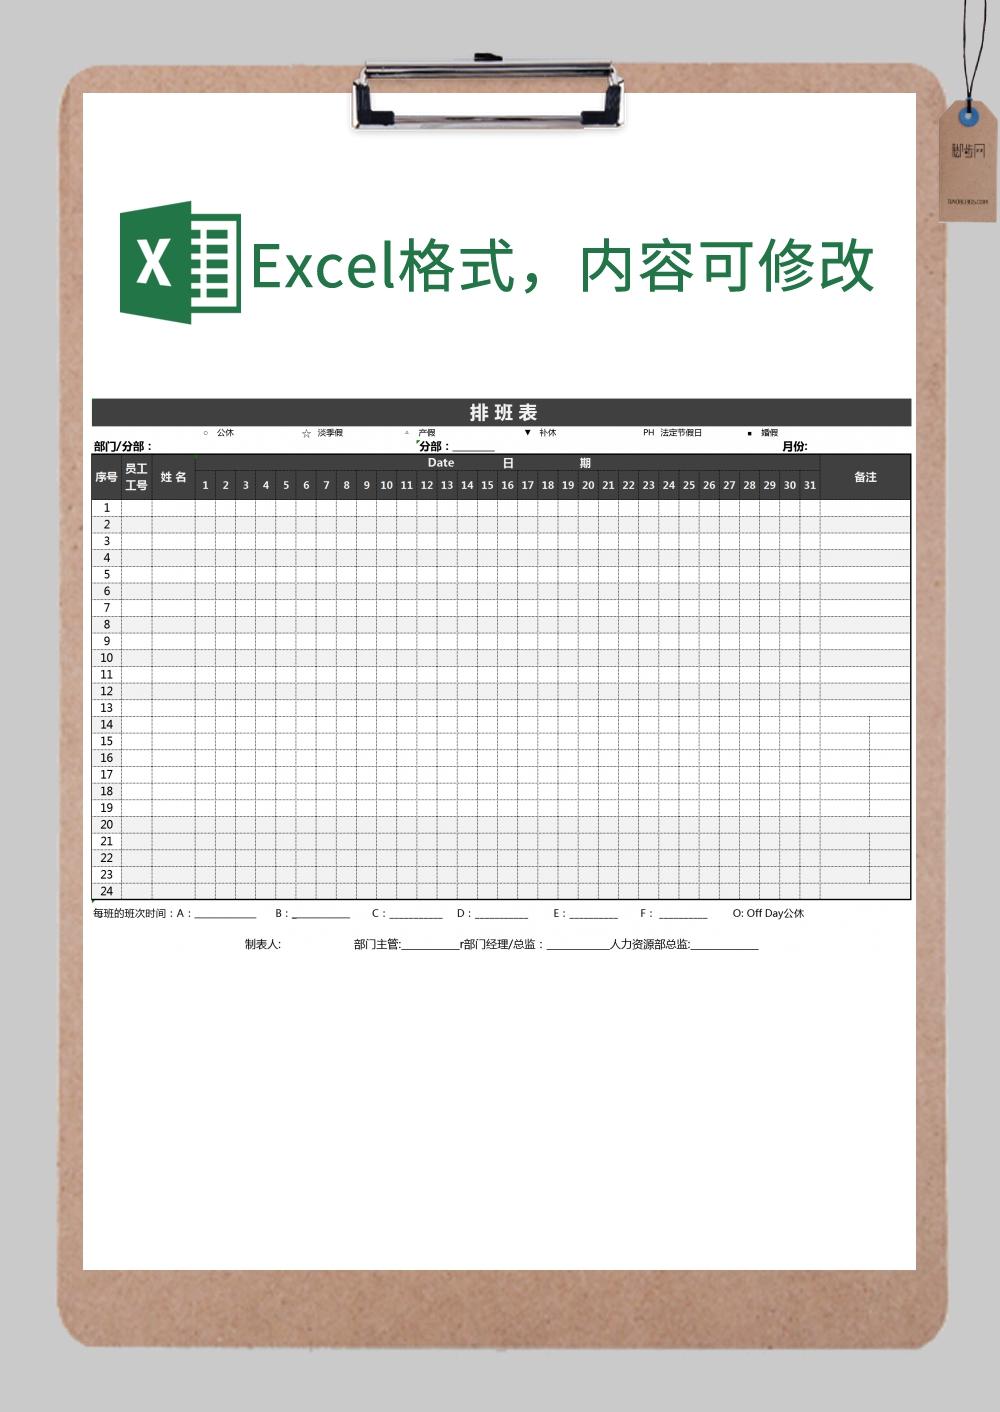 部门排班统计表excel表格模板